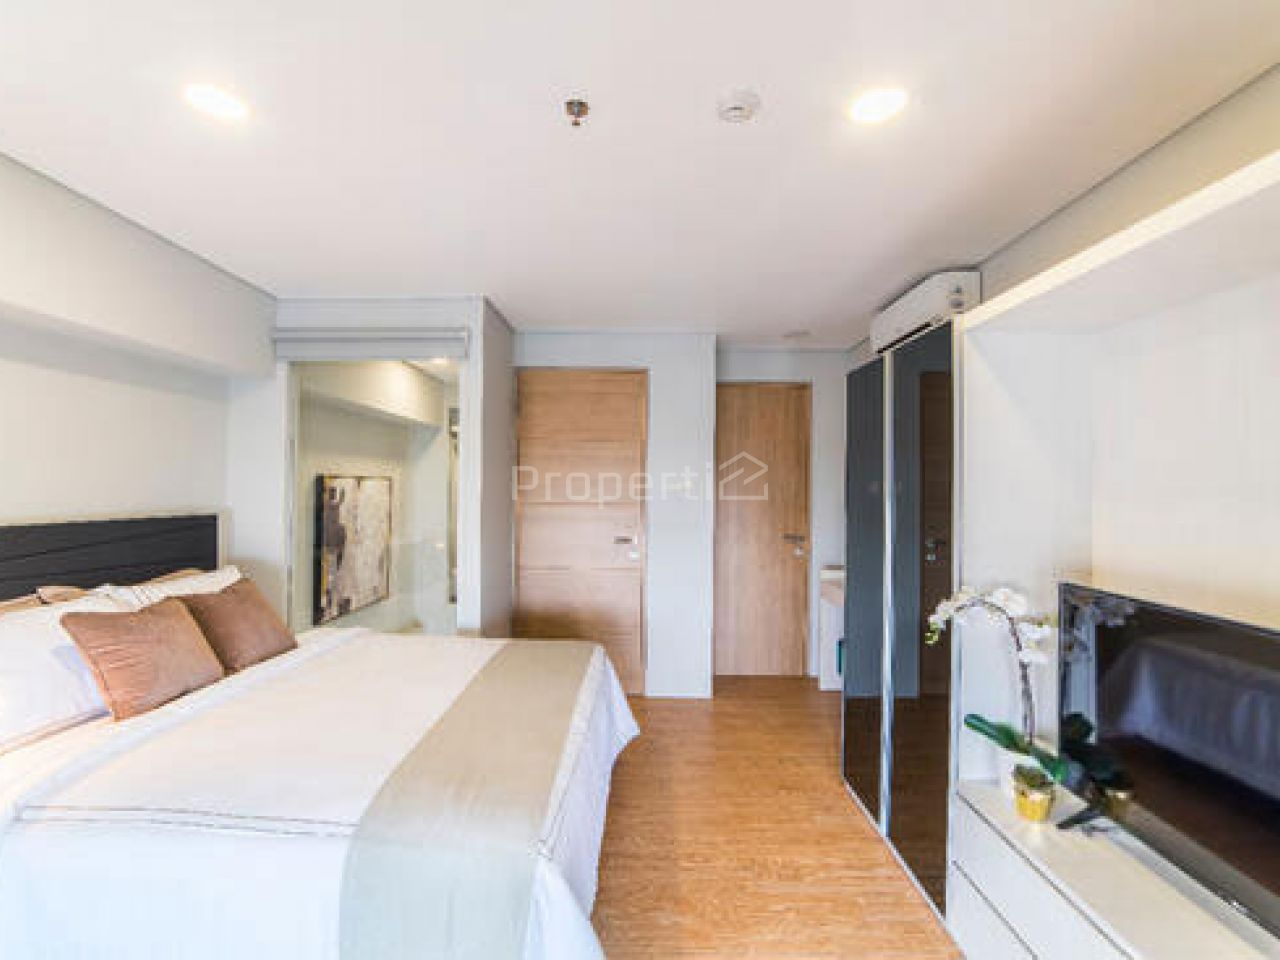 Unit Apartemen 2BR di MAQNA Residence, Lantai 20, Kembangan